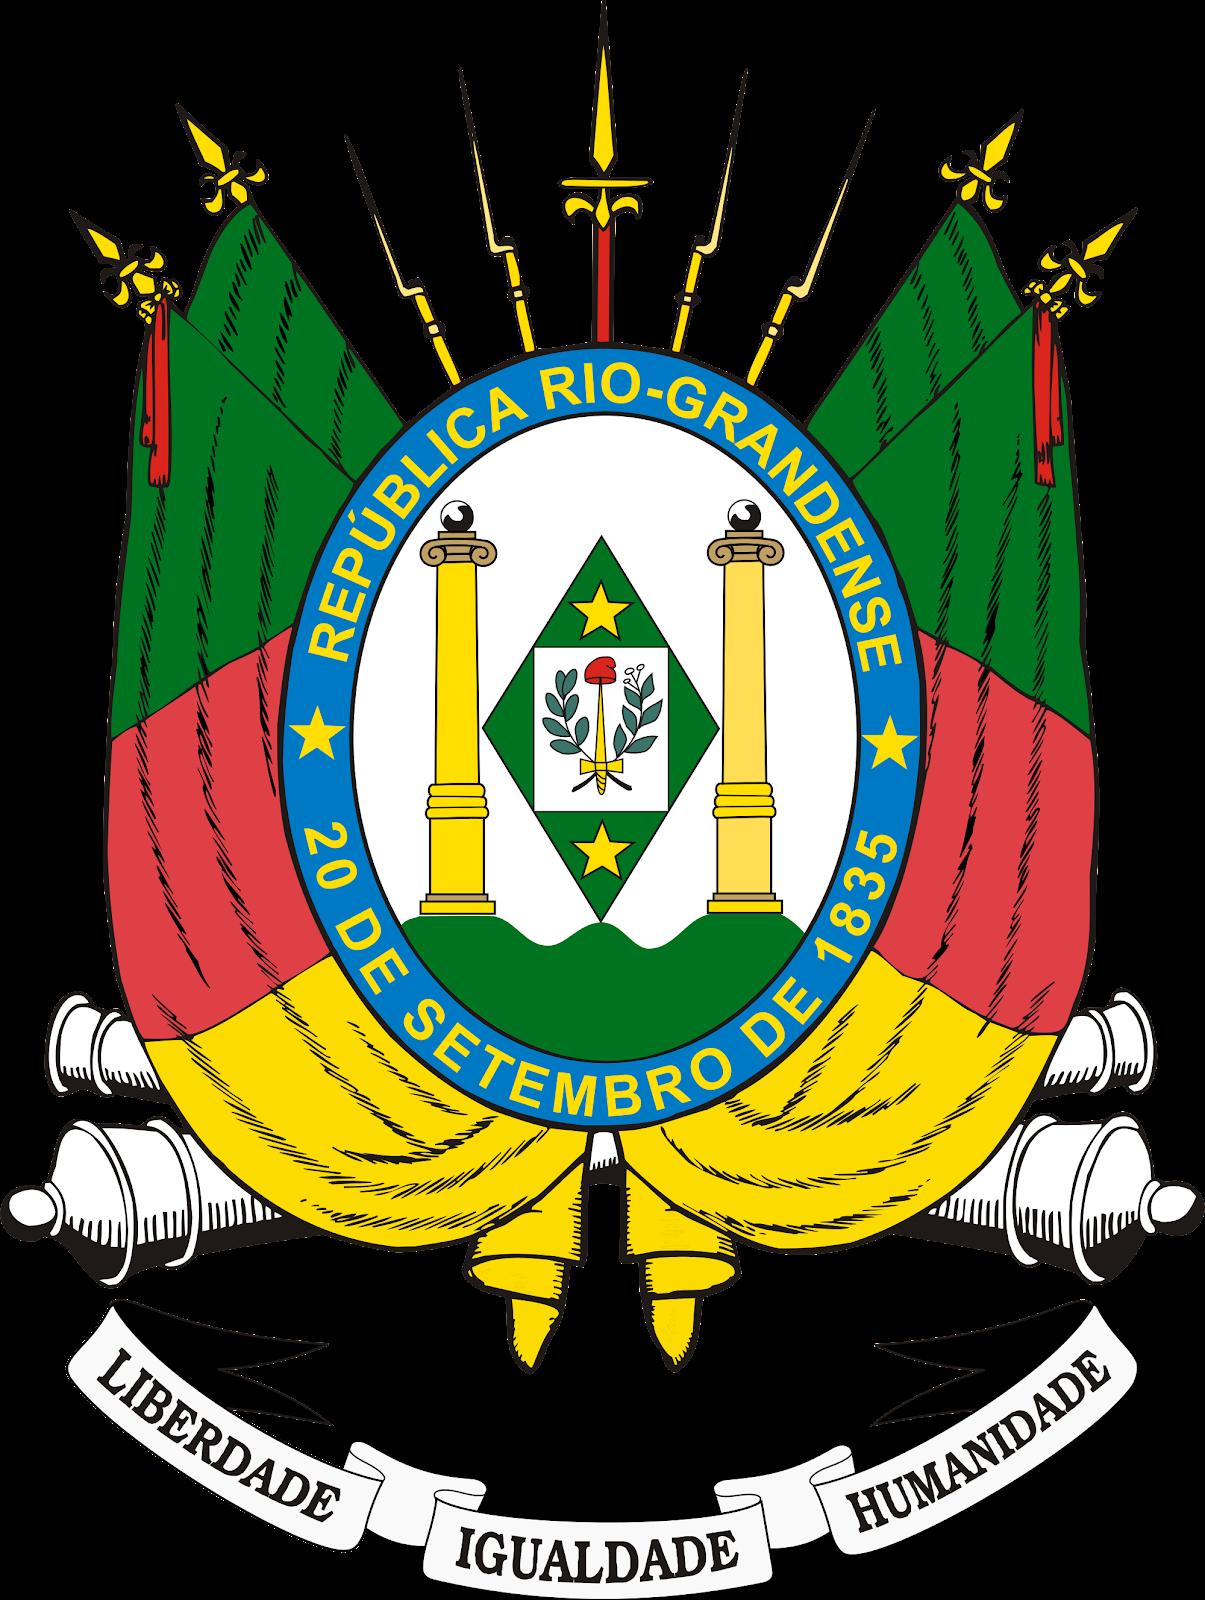 Brasão do Rio Grande do Sul.